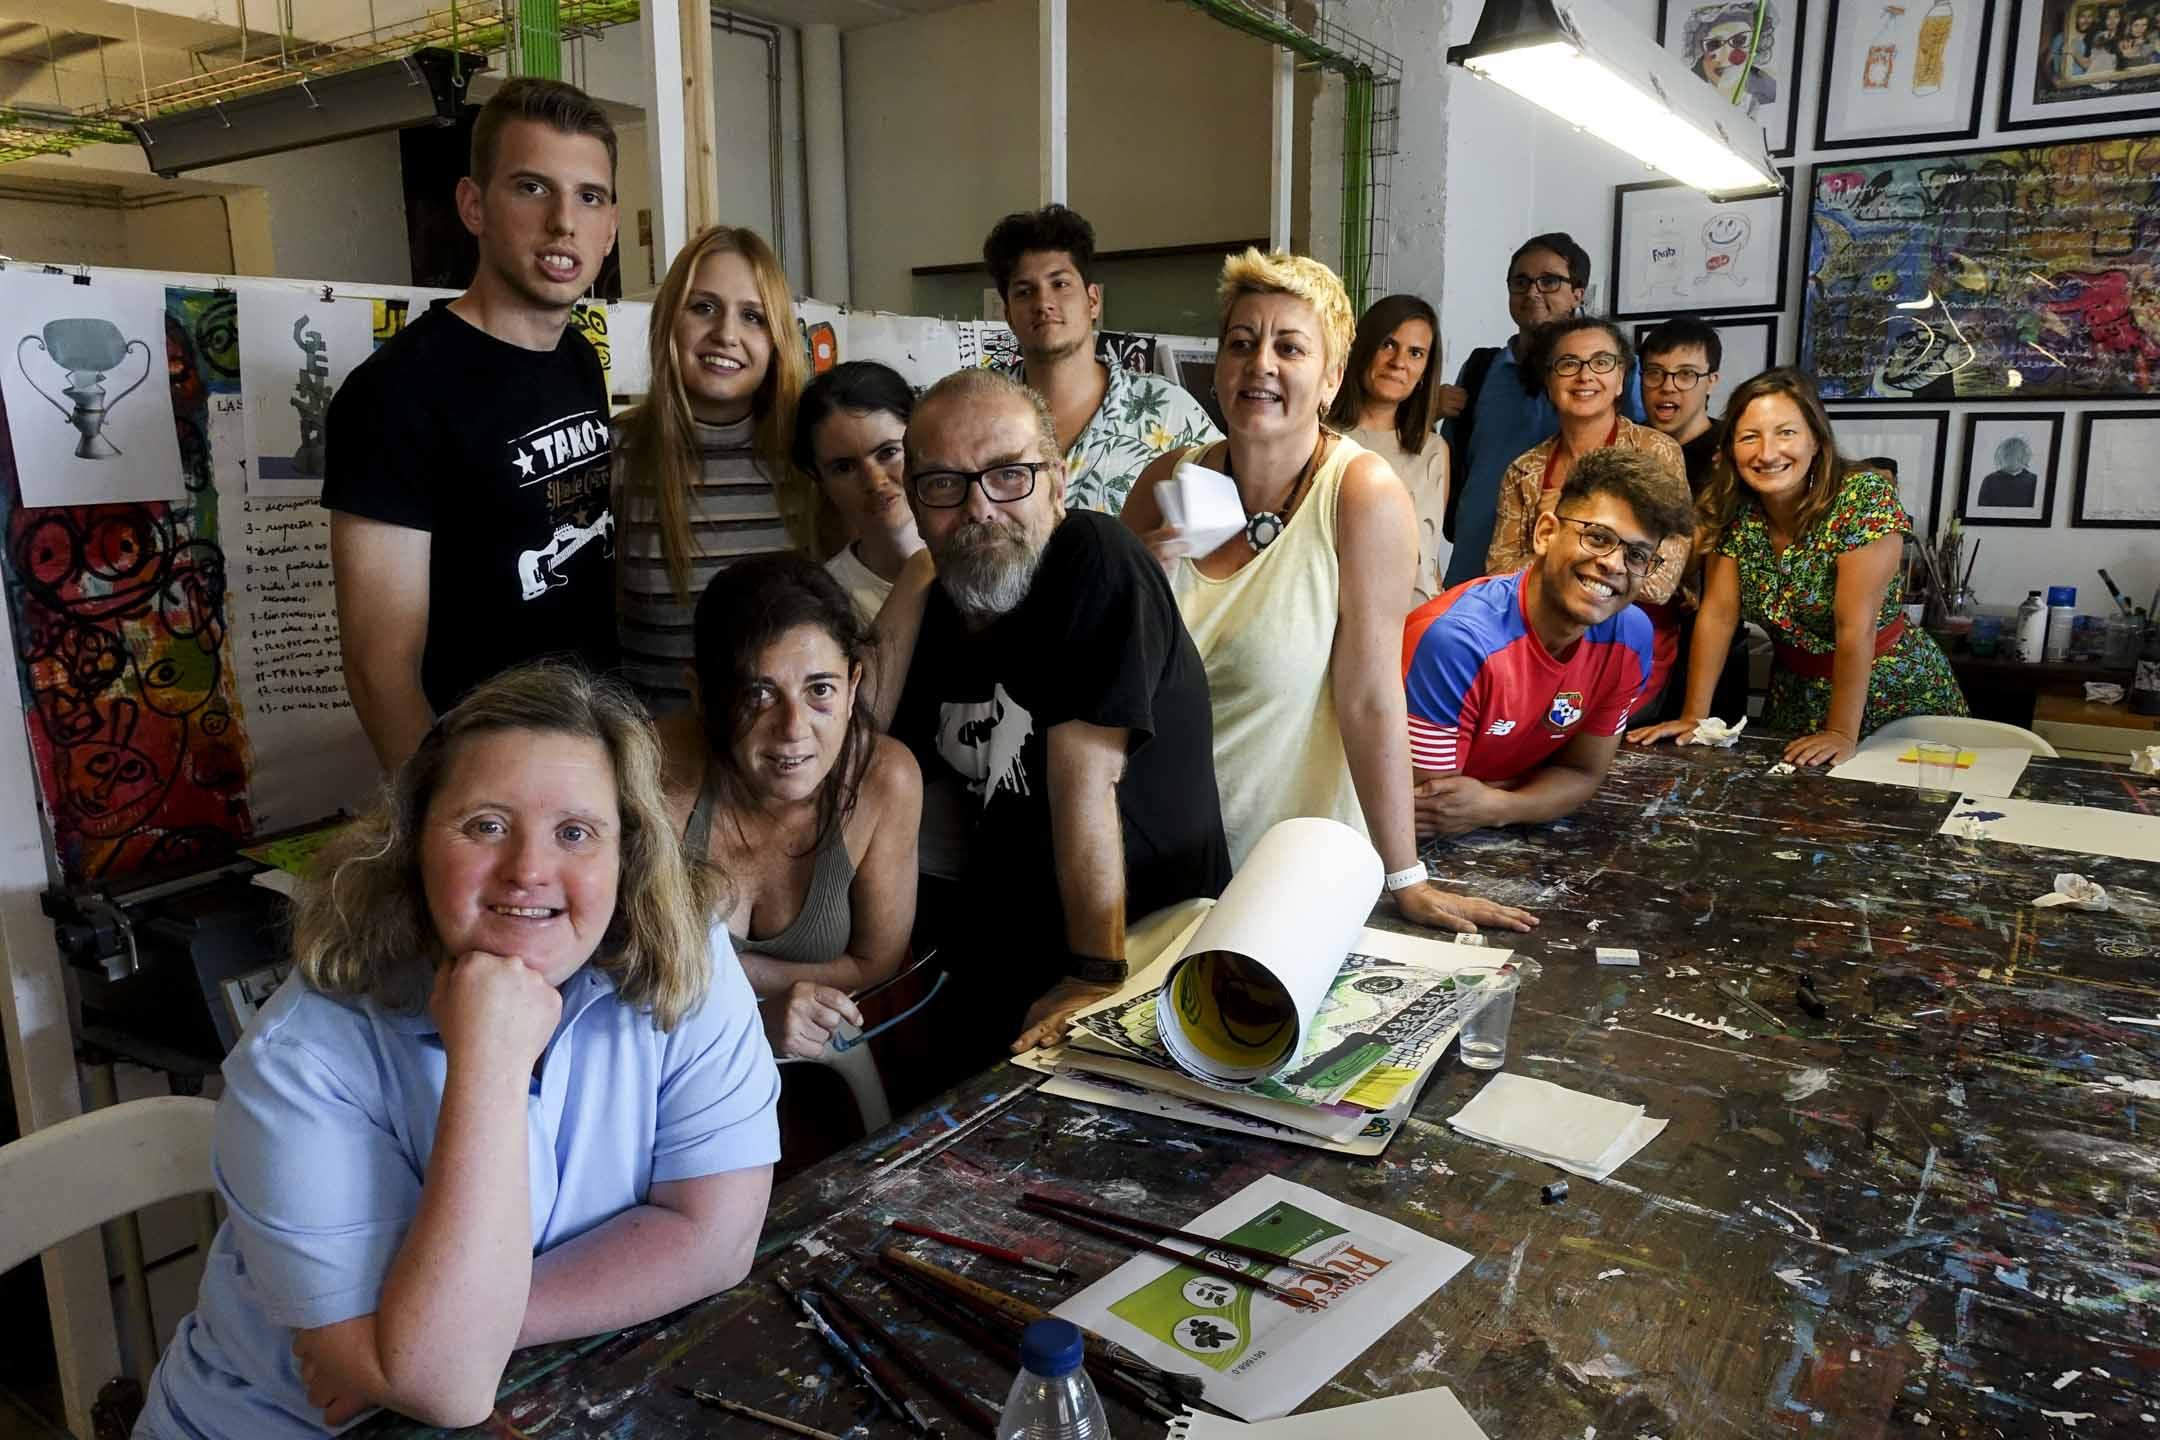 西班牙巴塞隆拿的設計工作室La Casa de Carlot已用了五年時間做實驗,以「Design-ability」為口號,證明他們能以獨特的參與方式推動社會發展。創作總監Joan Teixidor與創作團隊。 攝影:Gudiii